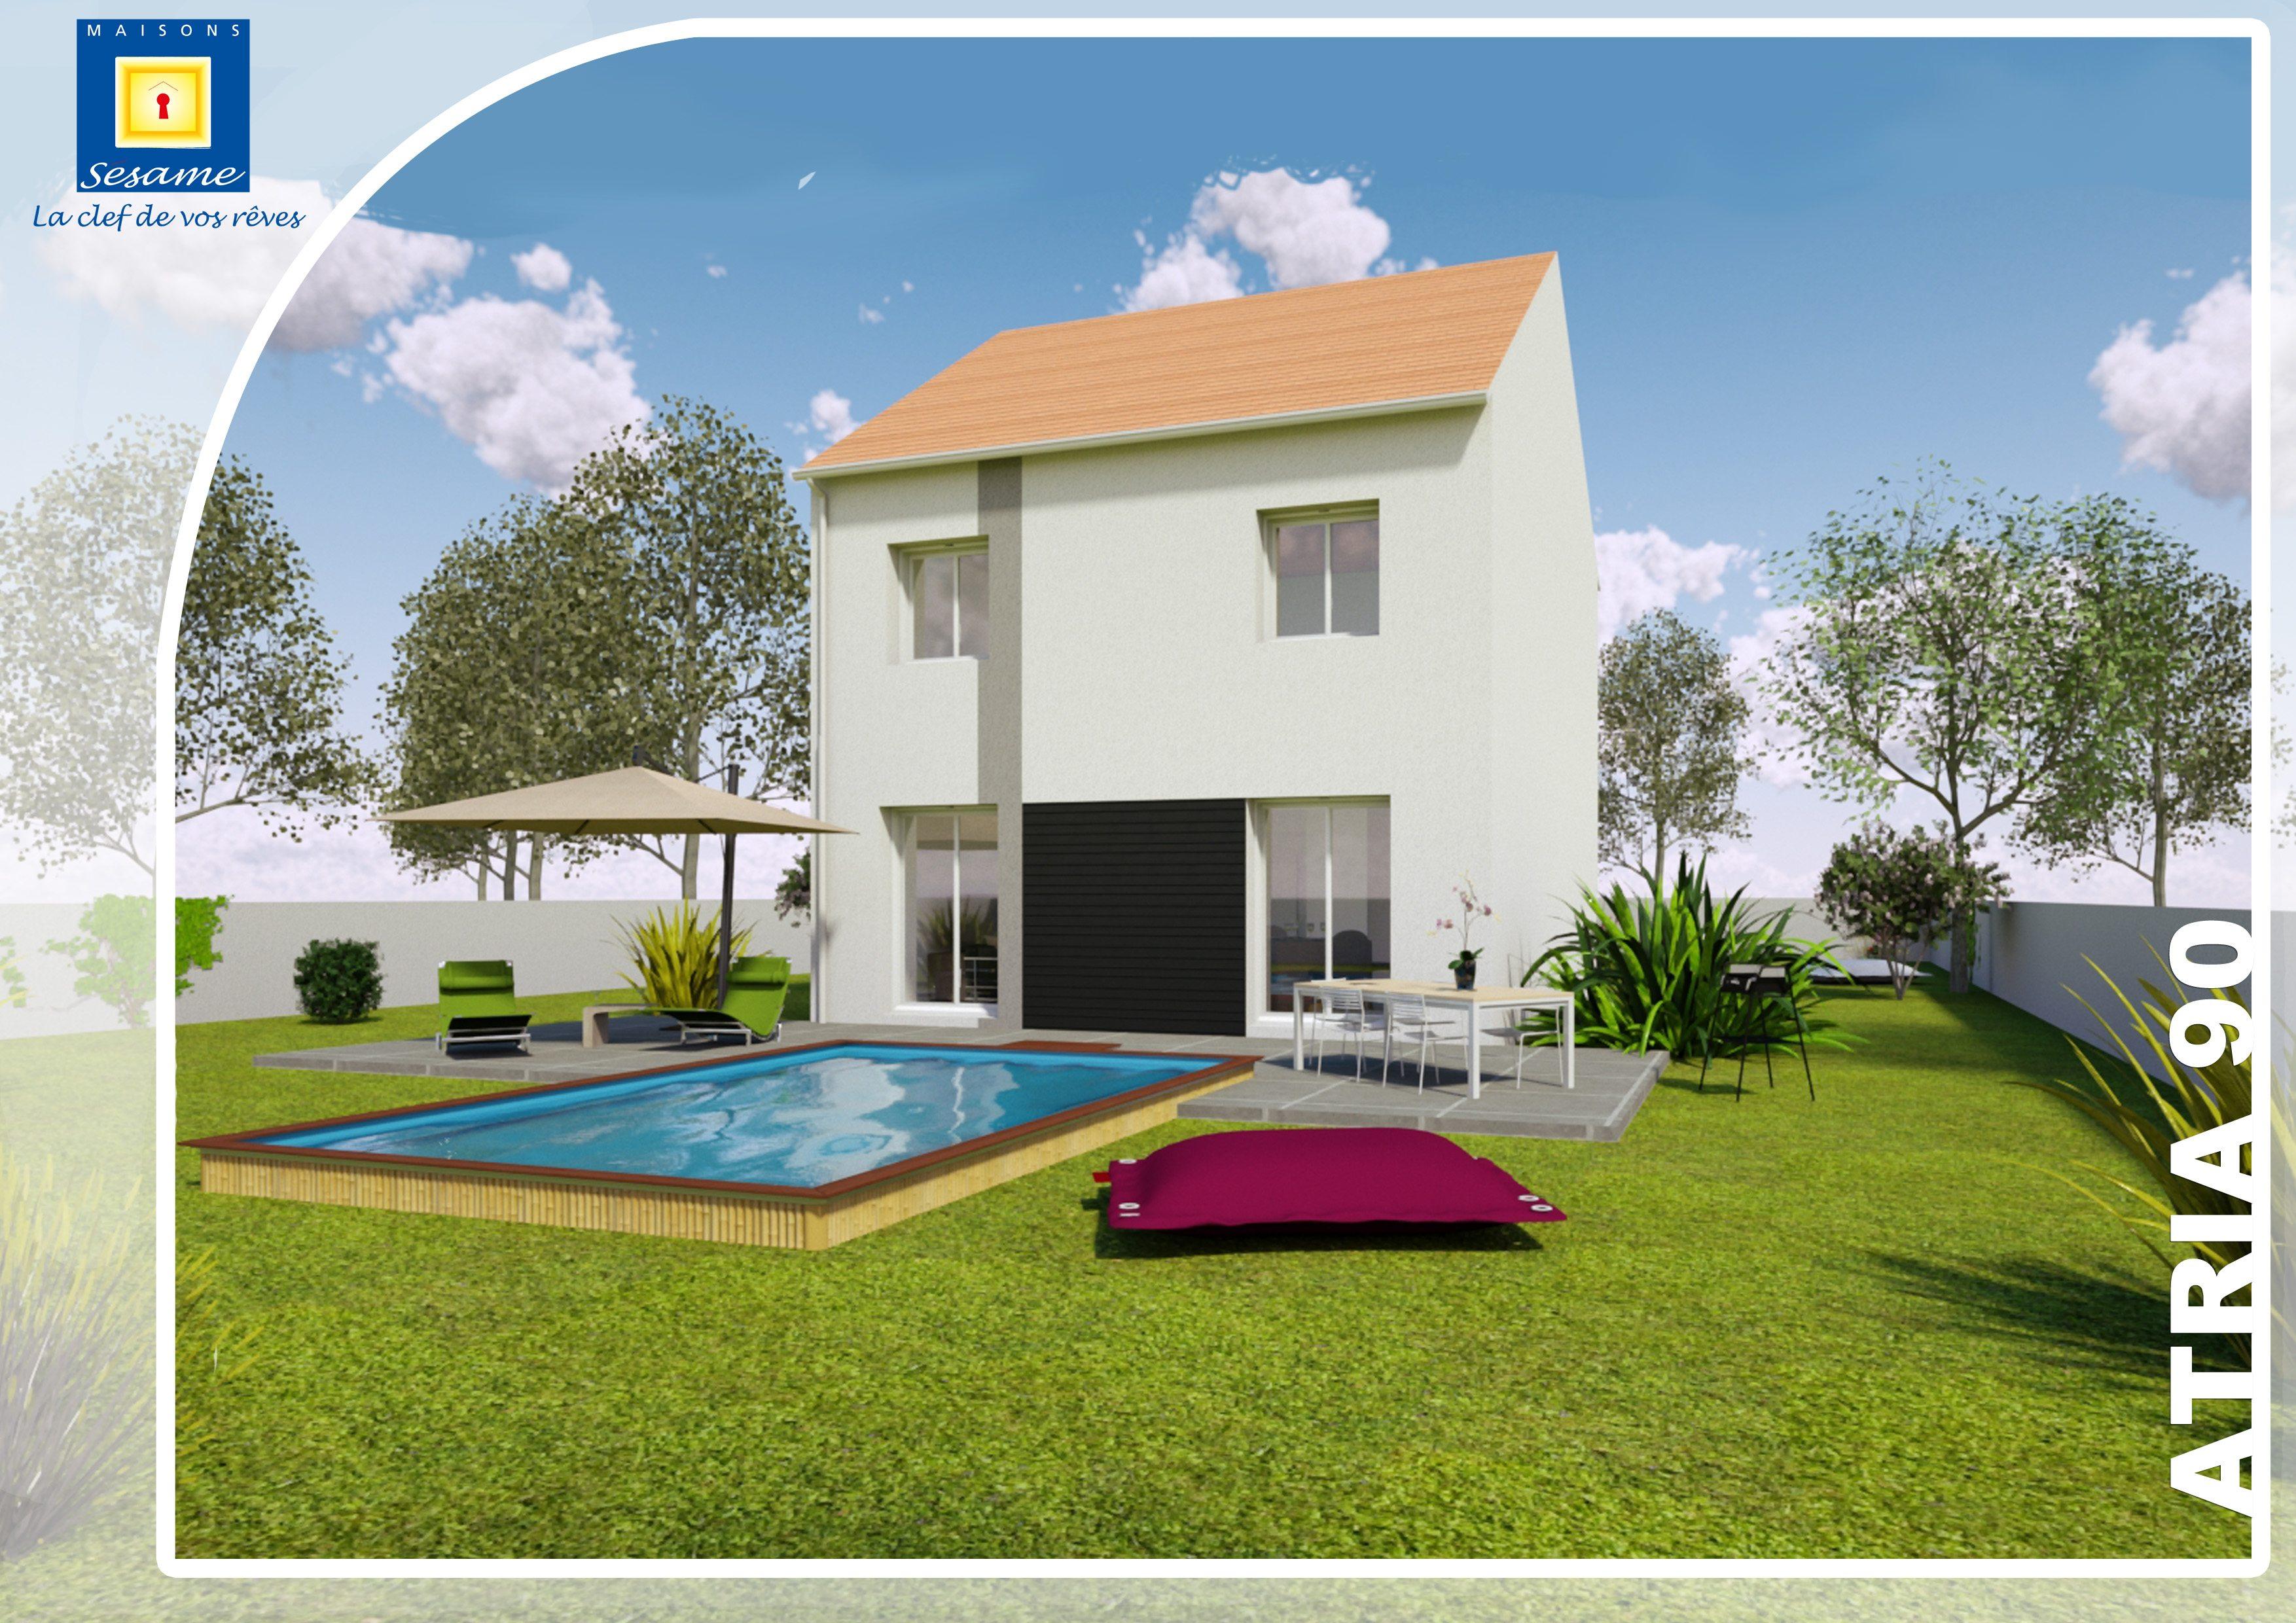 Maisons + Terrains du constructeur COFIDIM MAISONS SESAME • 103 m² • VIRY CHATILLON